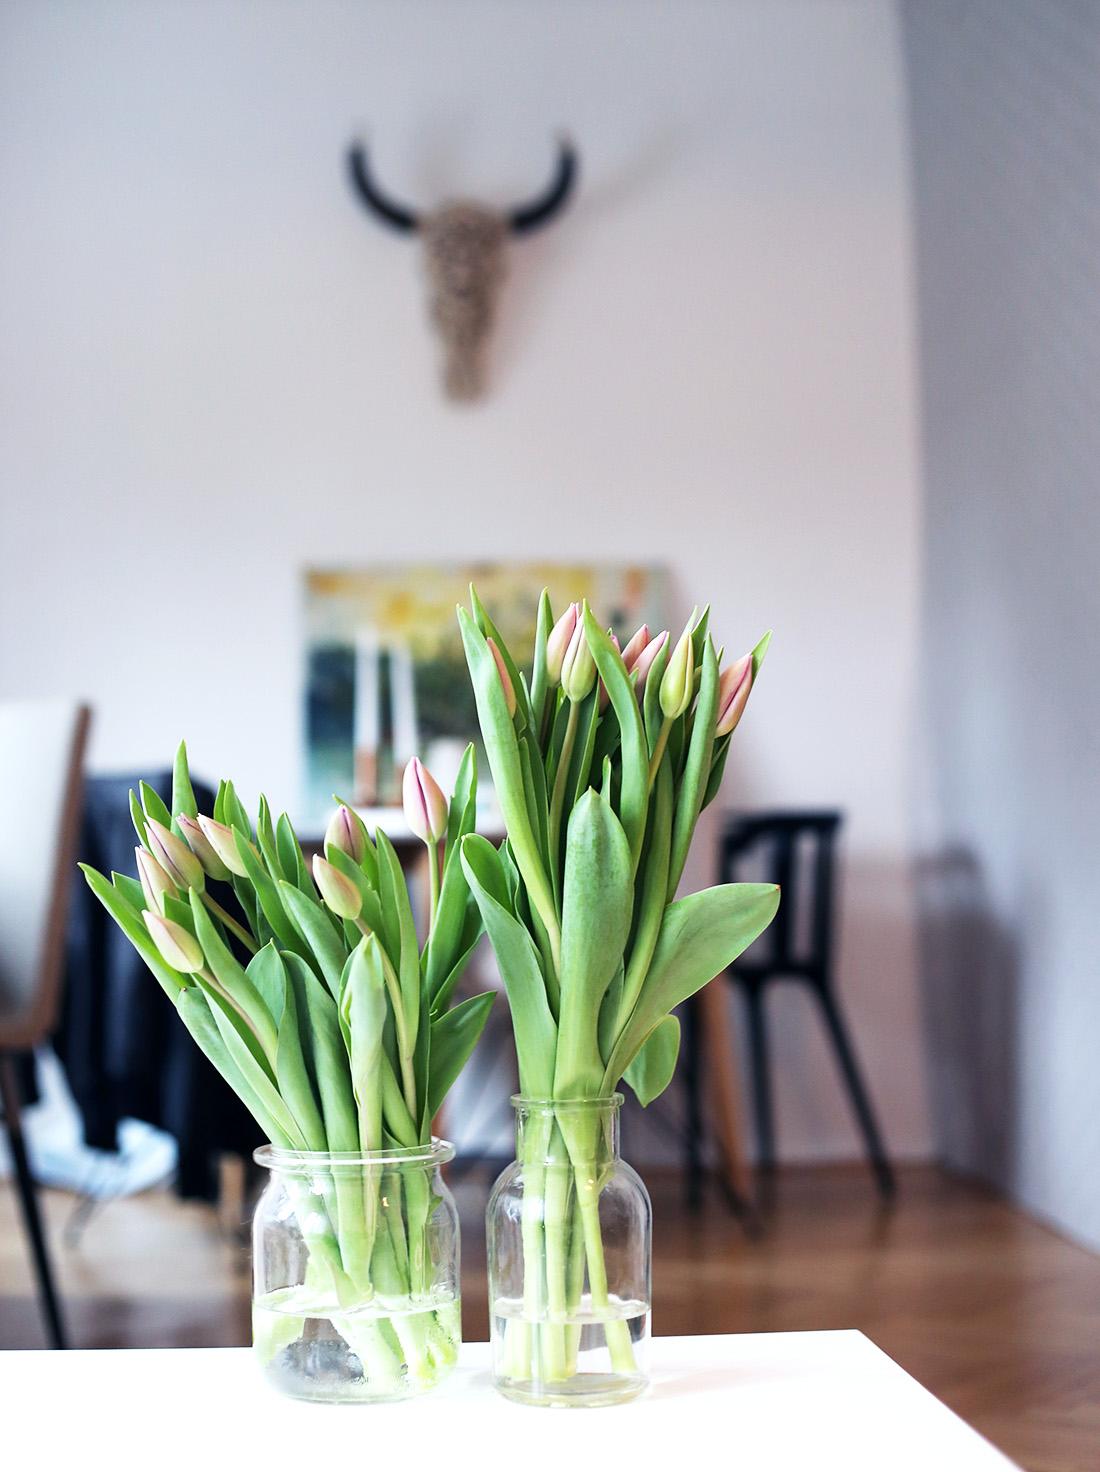 Schnittblumen Langer Frisch Halten 6 Tipps